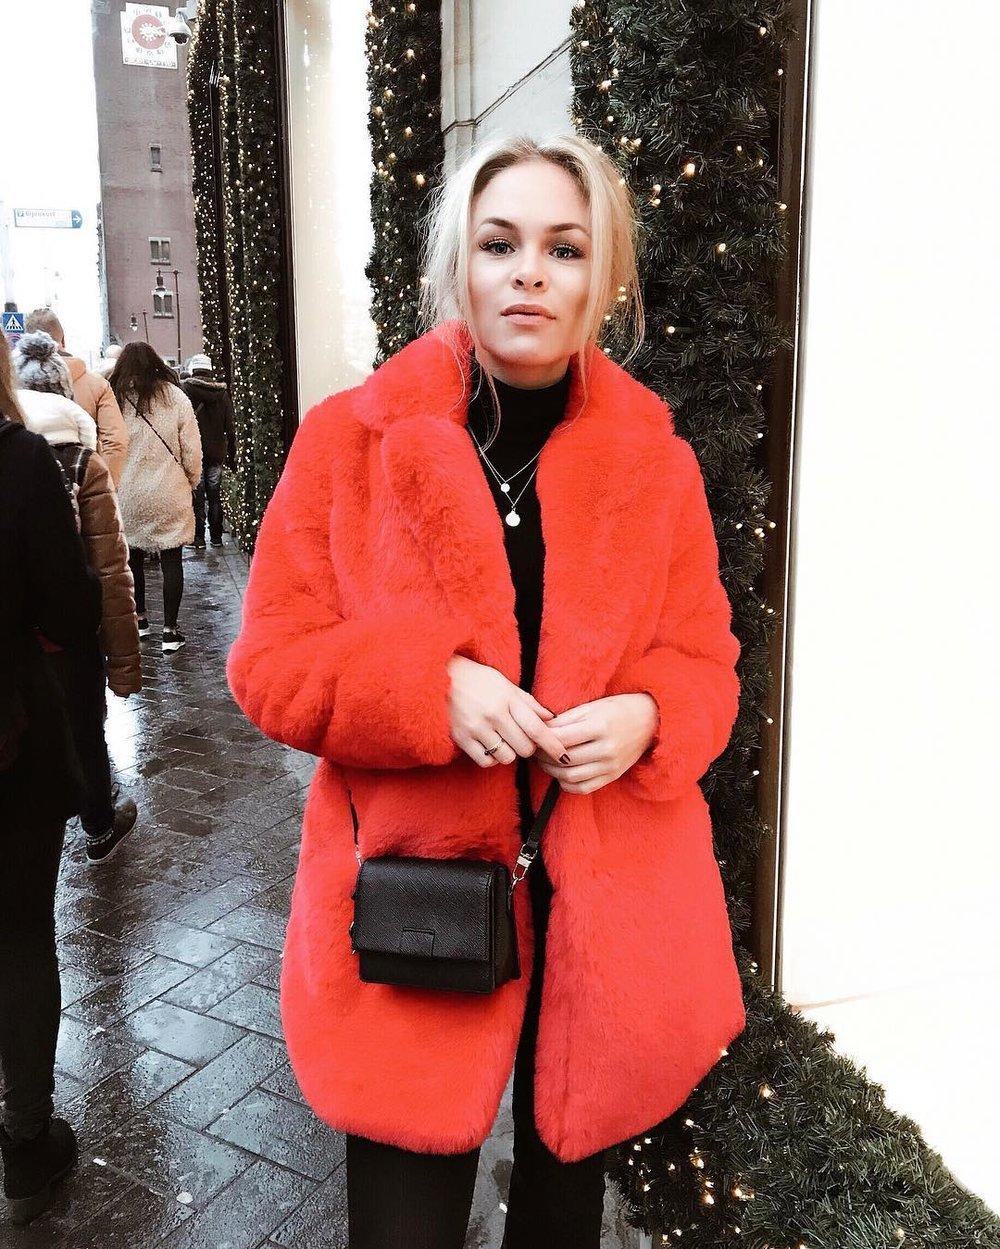 A fun coat